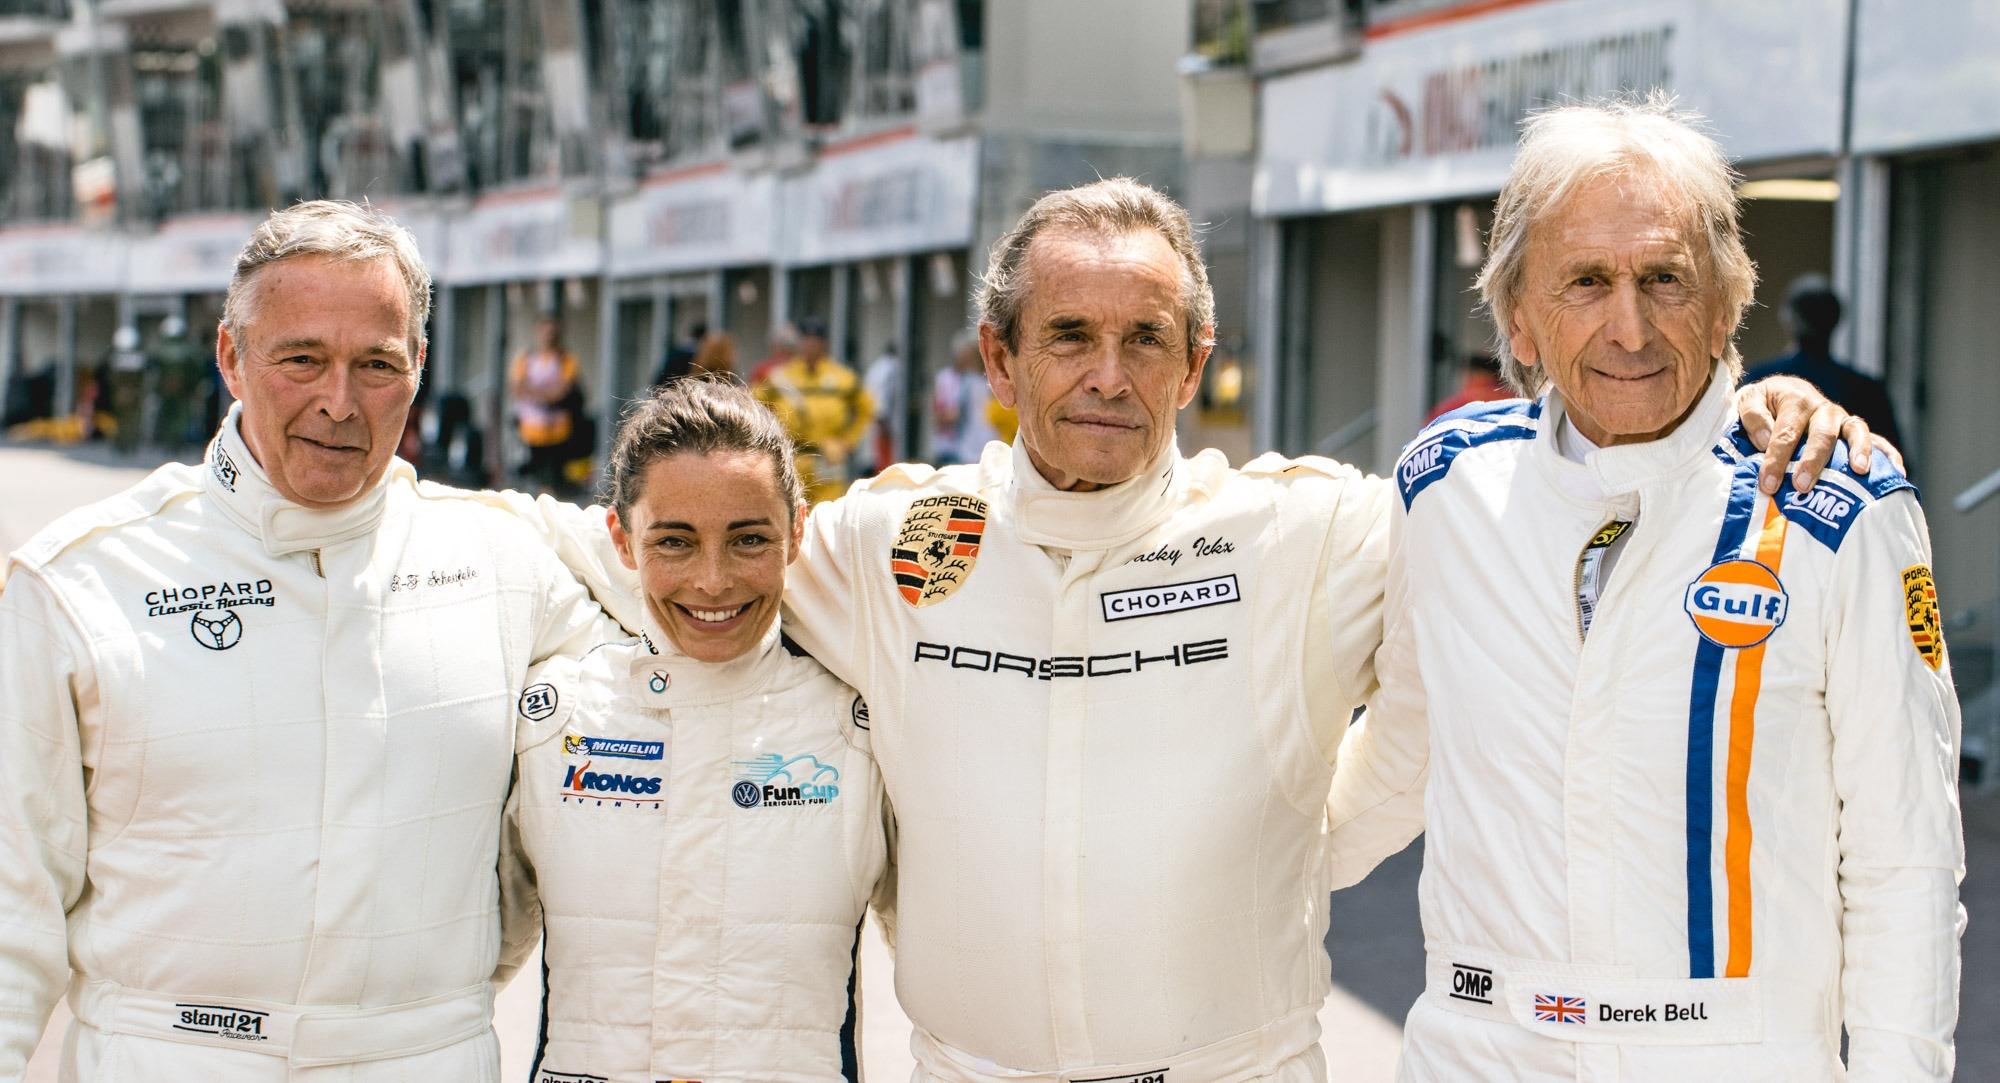 Grand Prix de Monaco Historique - Karl-Friedrich Scheufele, Vanina Ickx, Jacky Ickx et Derek Bell